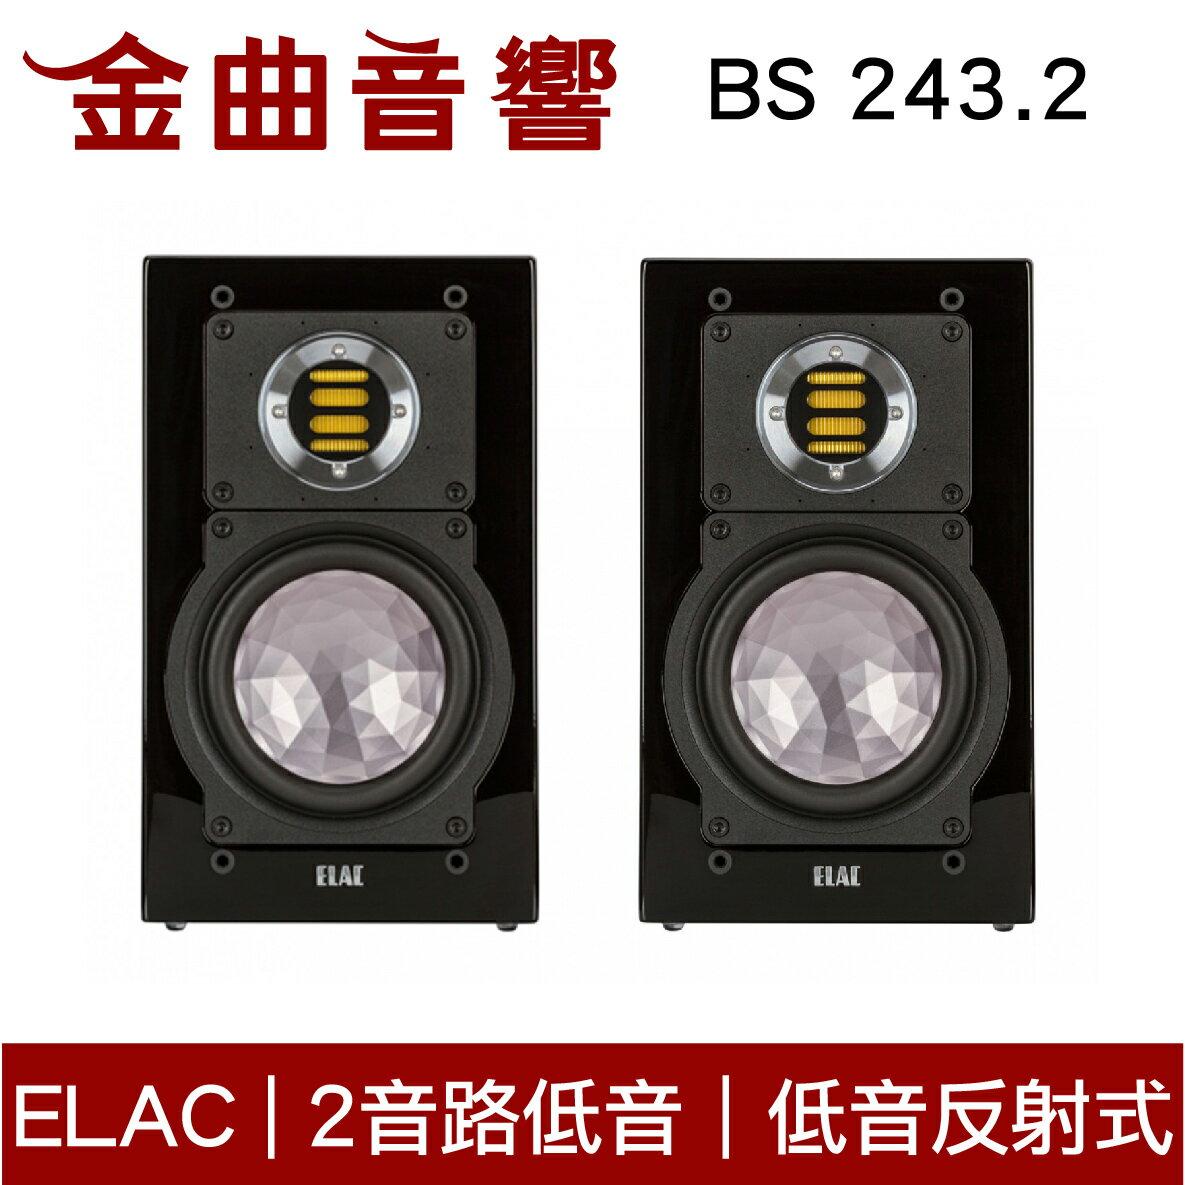 ELAC BS 243.2 書架式 揚聲器 音響(一對)| 金曲音響